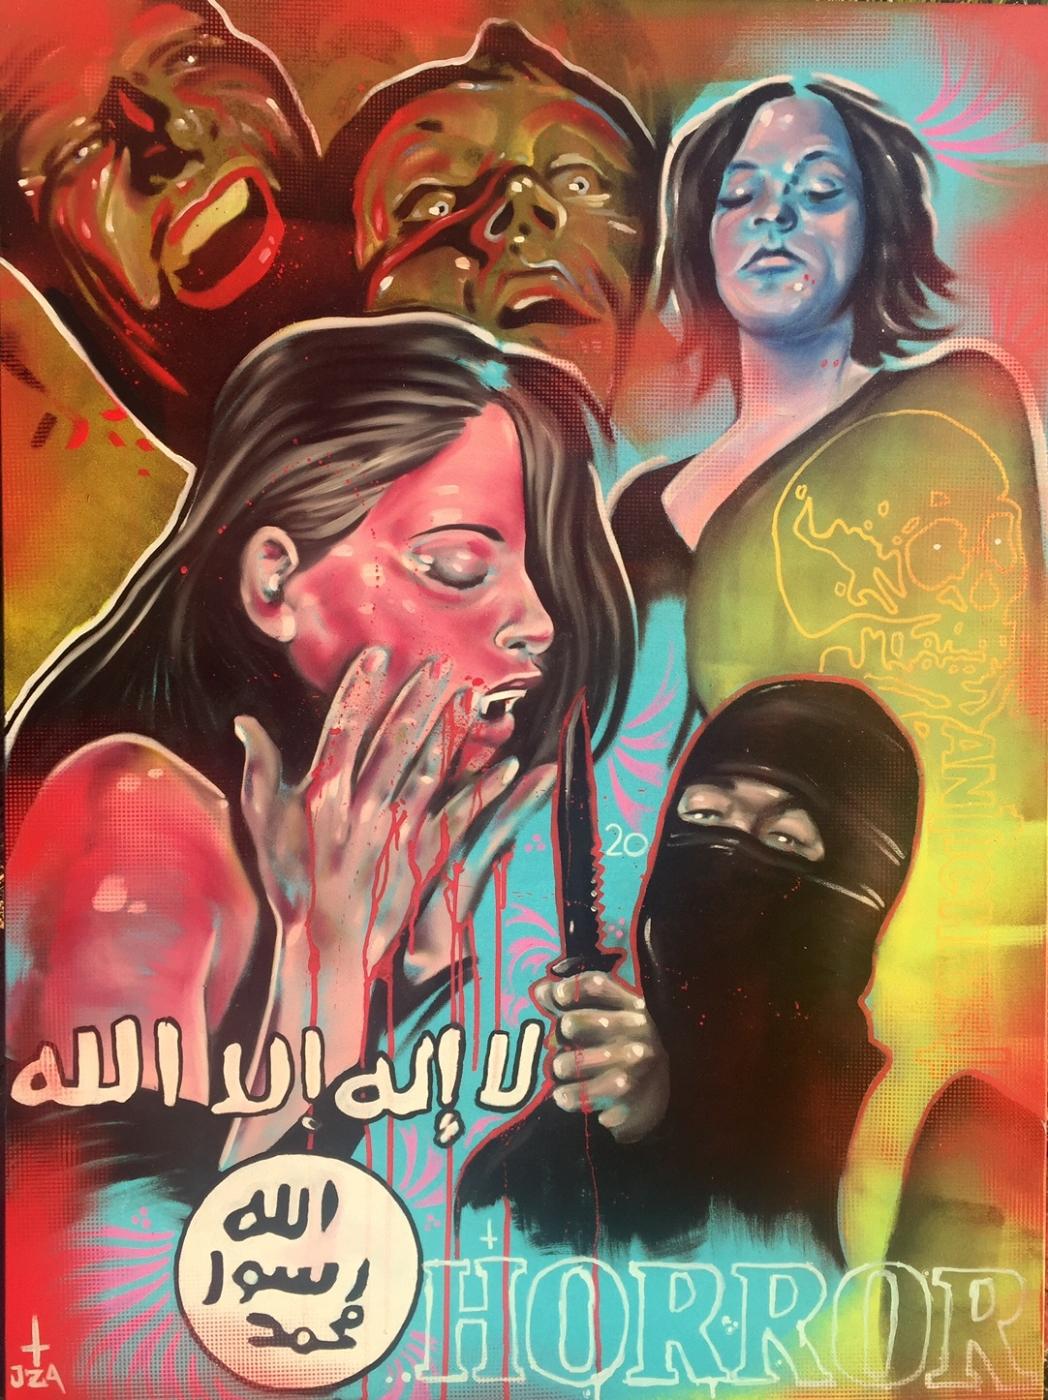 Jason-Adam-Dinger-Horror-2016-Acrylic-on-canvas-48-x-36-in.JPG